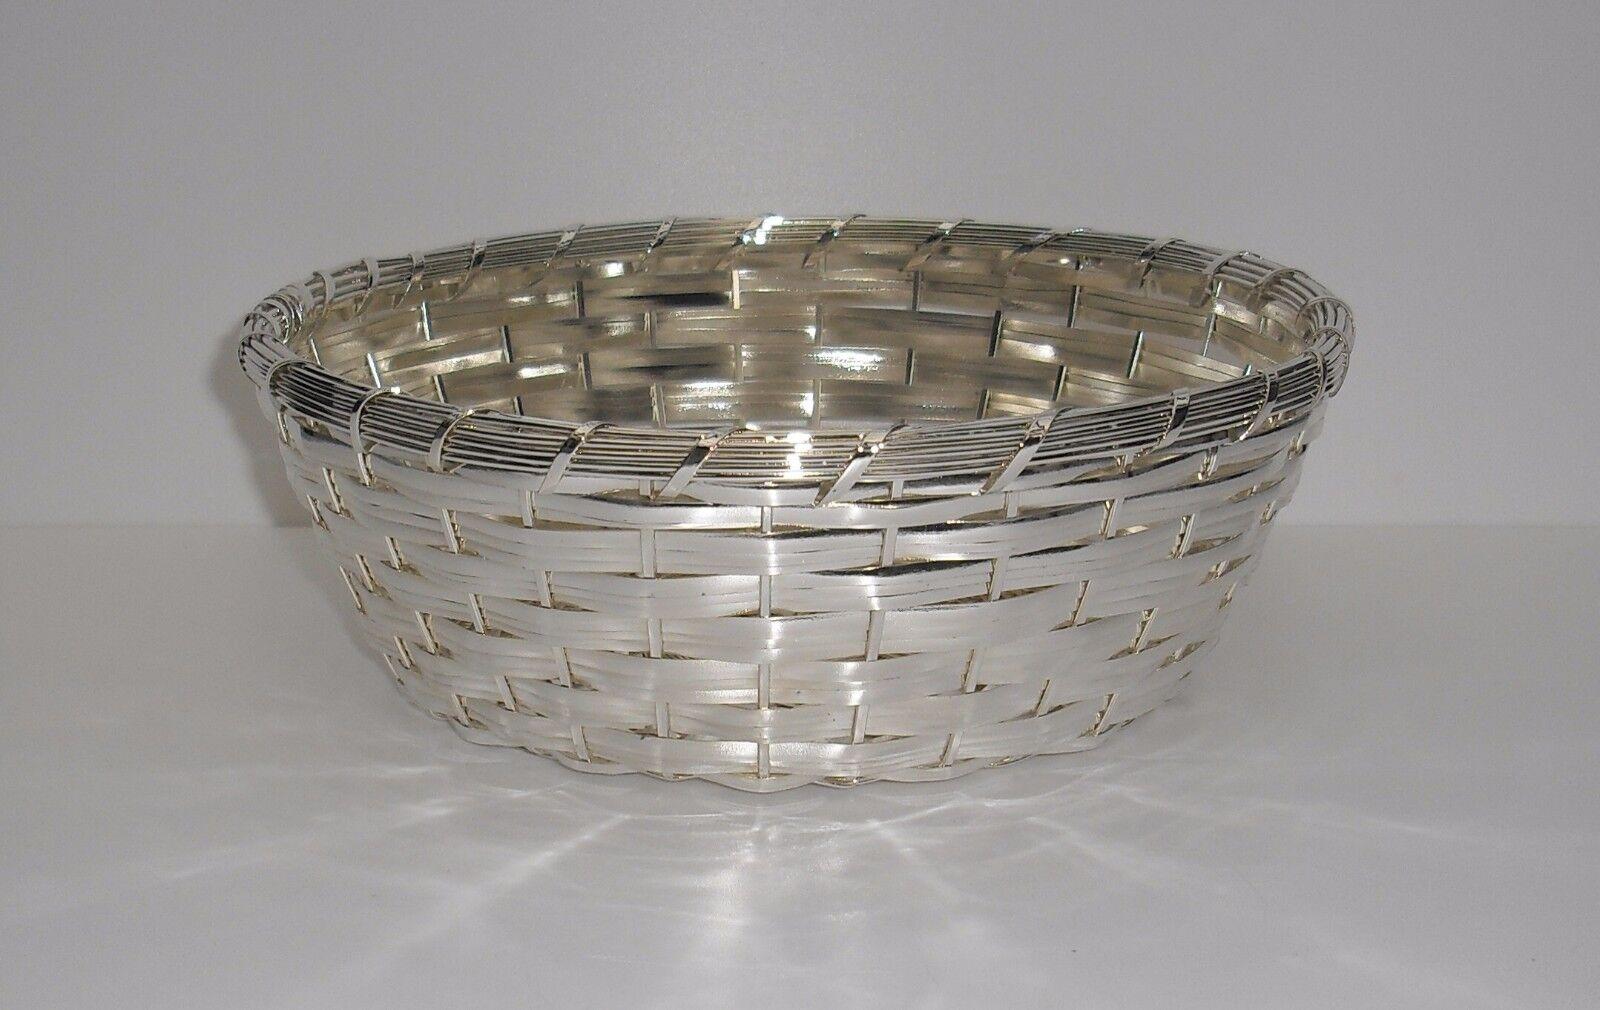 Brotkorb - rund - 19 cm breit - versilbert - NEU | Modern Und Elegant